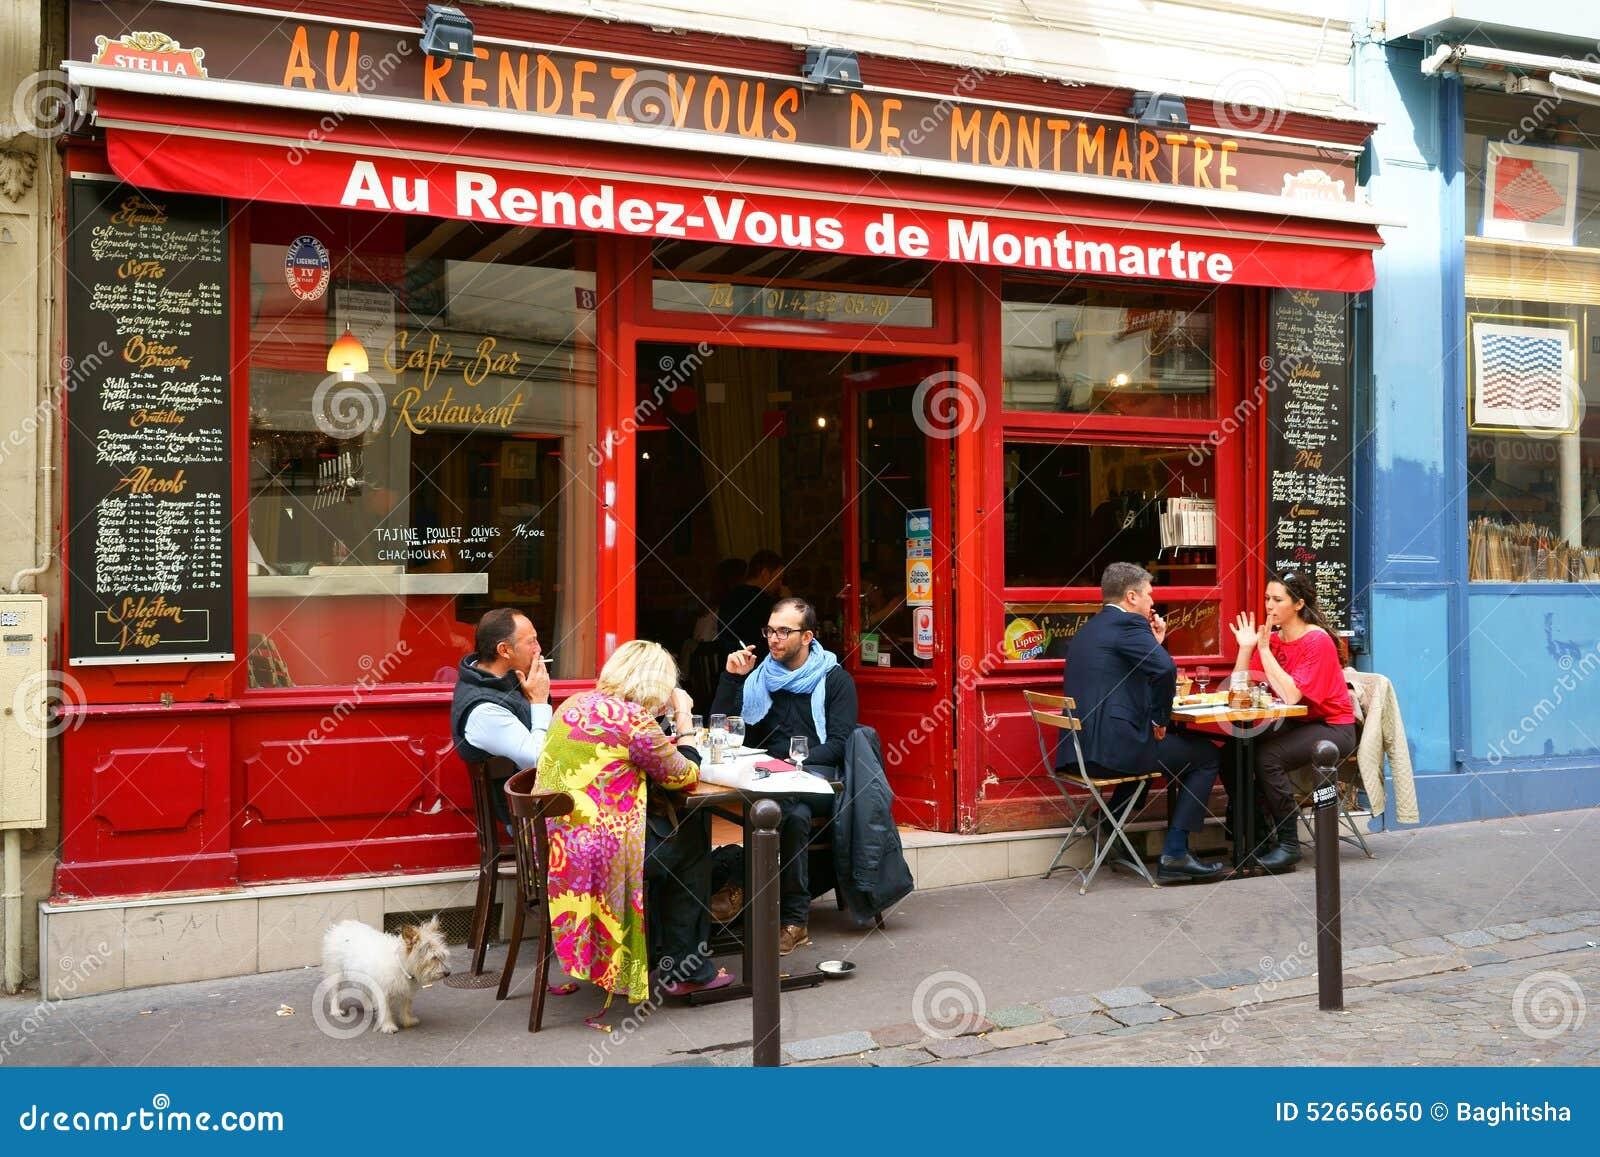 Restaurant In Montmartre Paris Editorial Image Image Of Street Montmartre 52656650